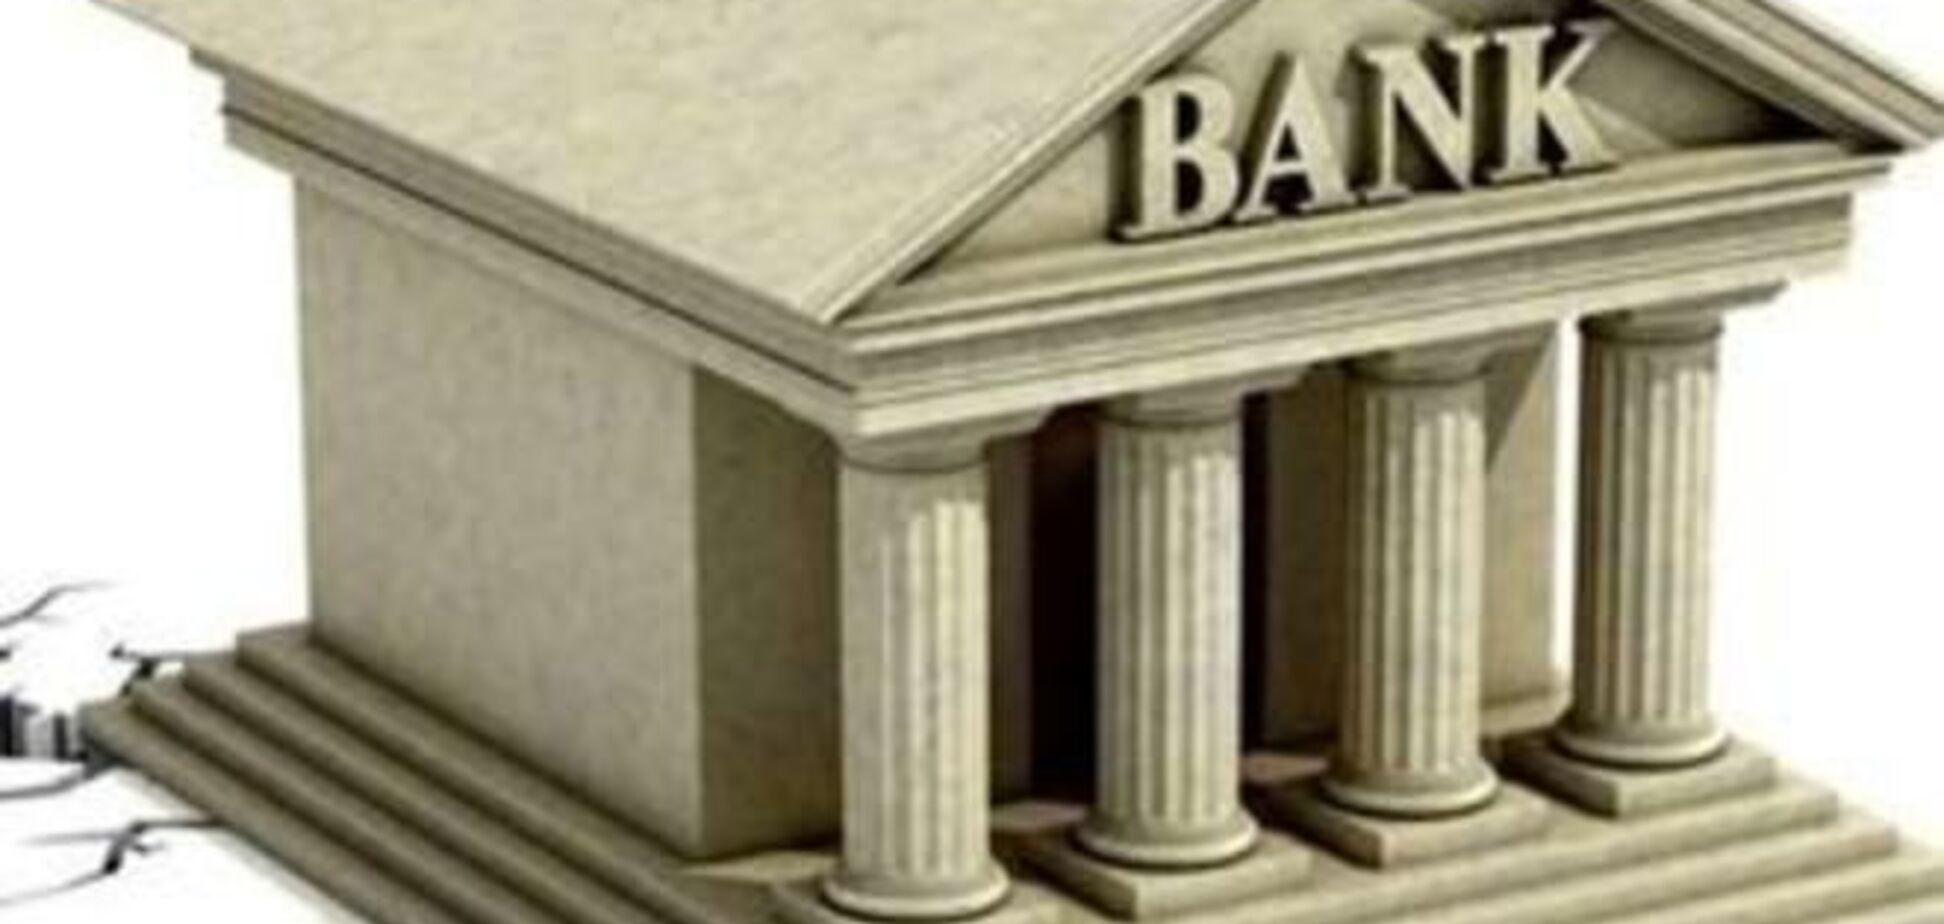 Фонд гарантирования ввел временную администрацию в 'Радикал Банк'